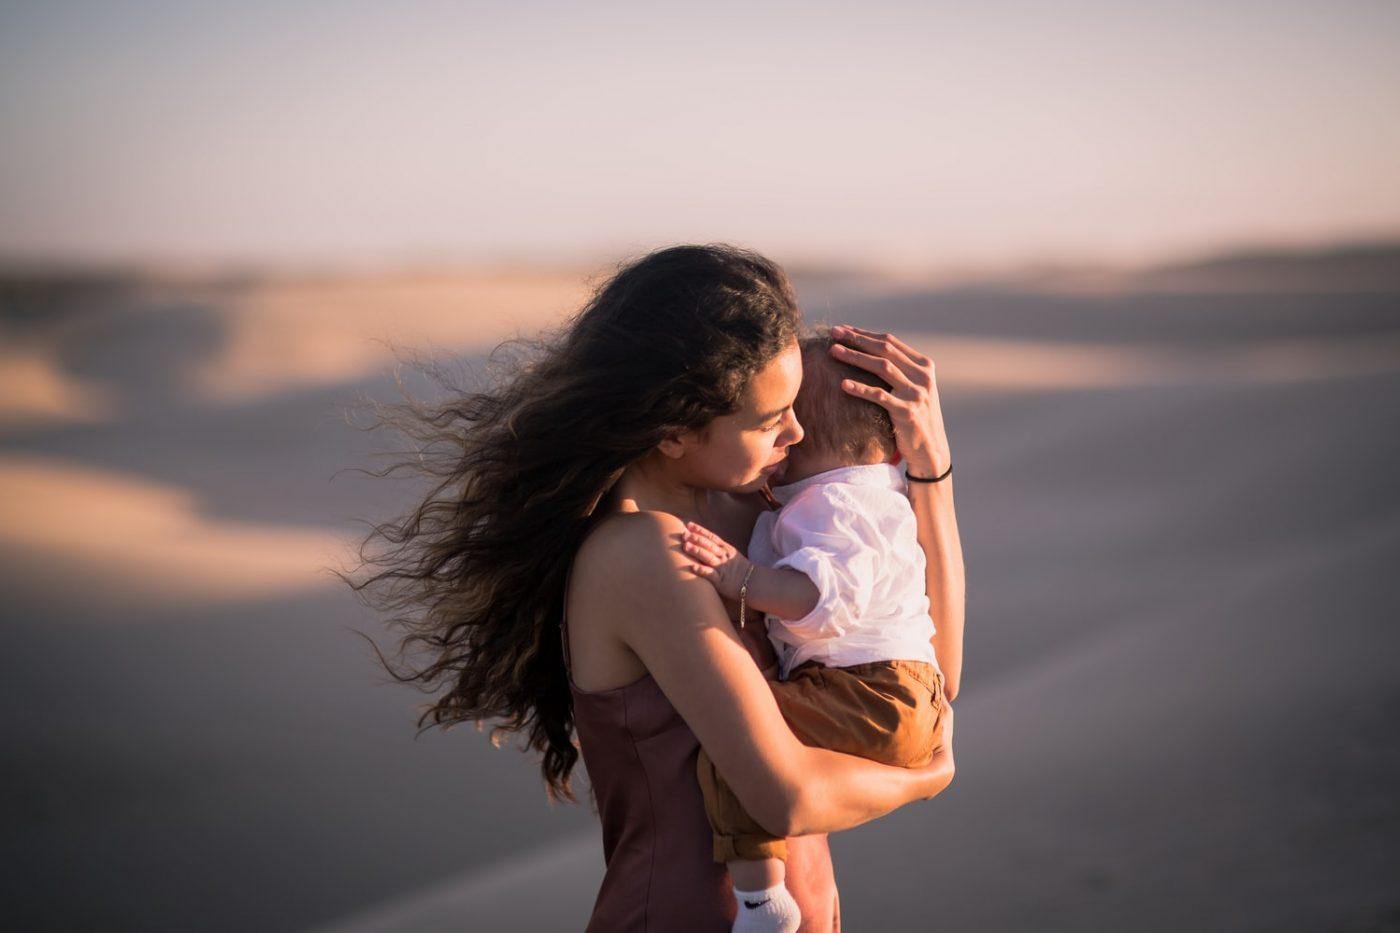 Ne t'inquiète pas de grandir sans un père : tu pourras toujours compter sur moi, ta maman